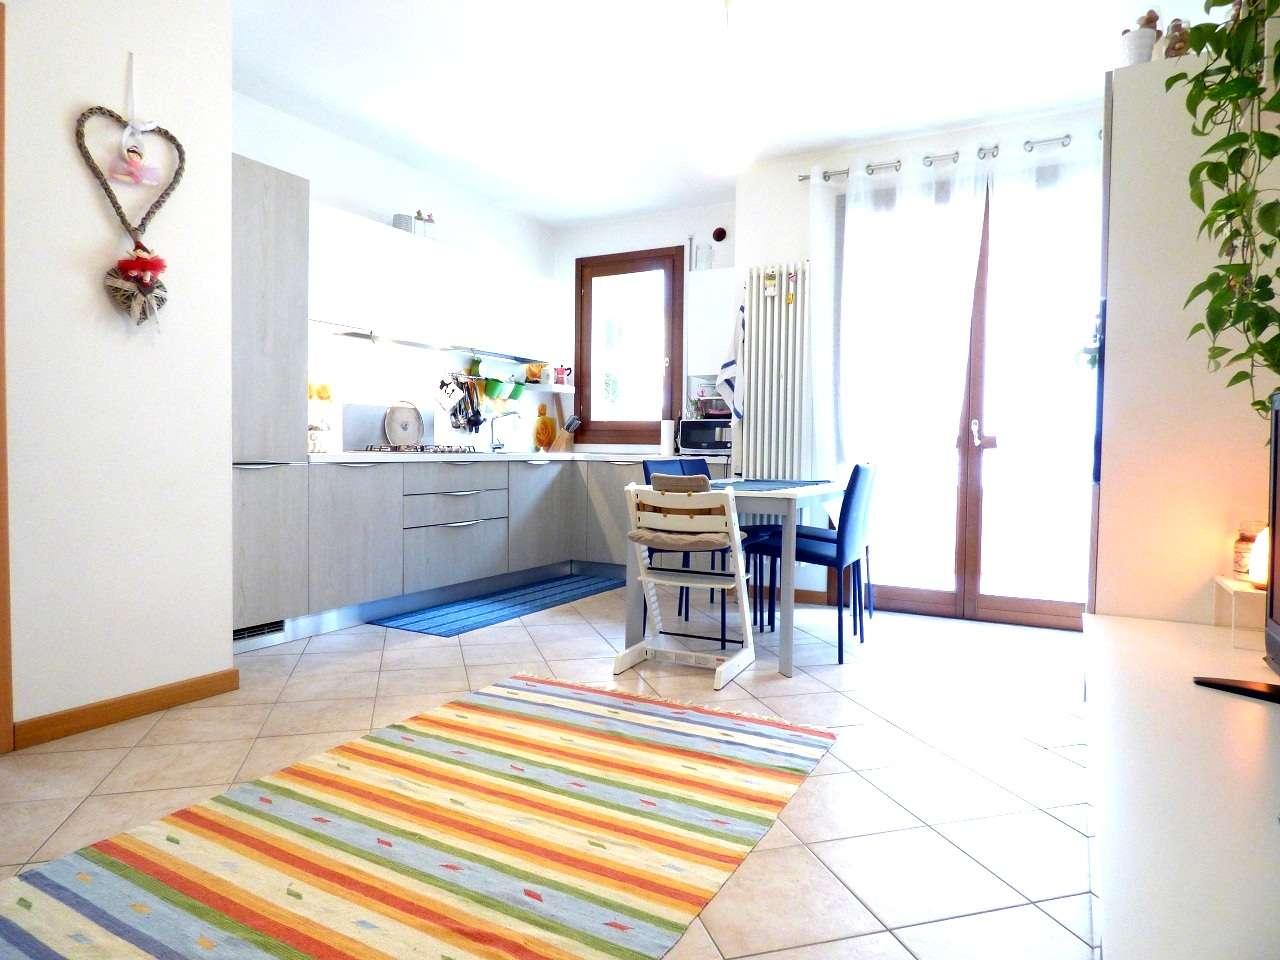 Appartamento in vendita a Mestrino, 4 locali, prezzo € 113.000 | CambioCasa.it